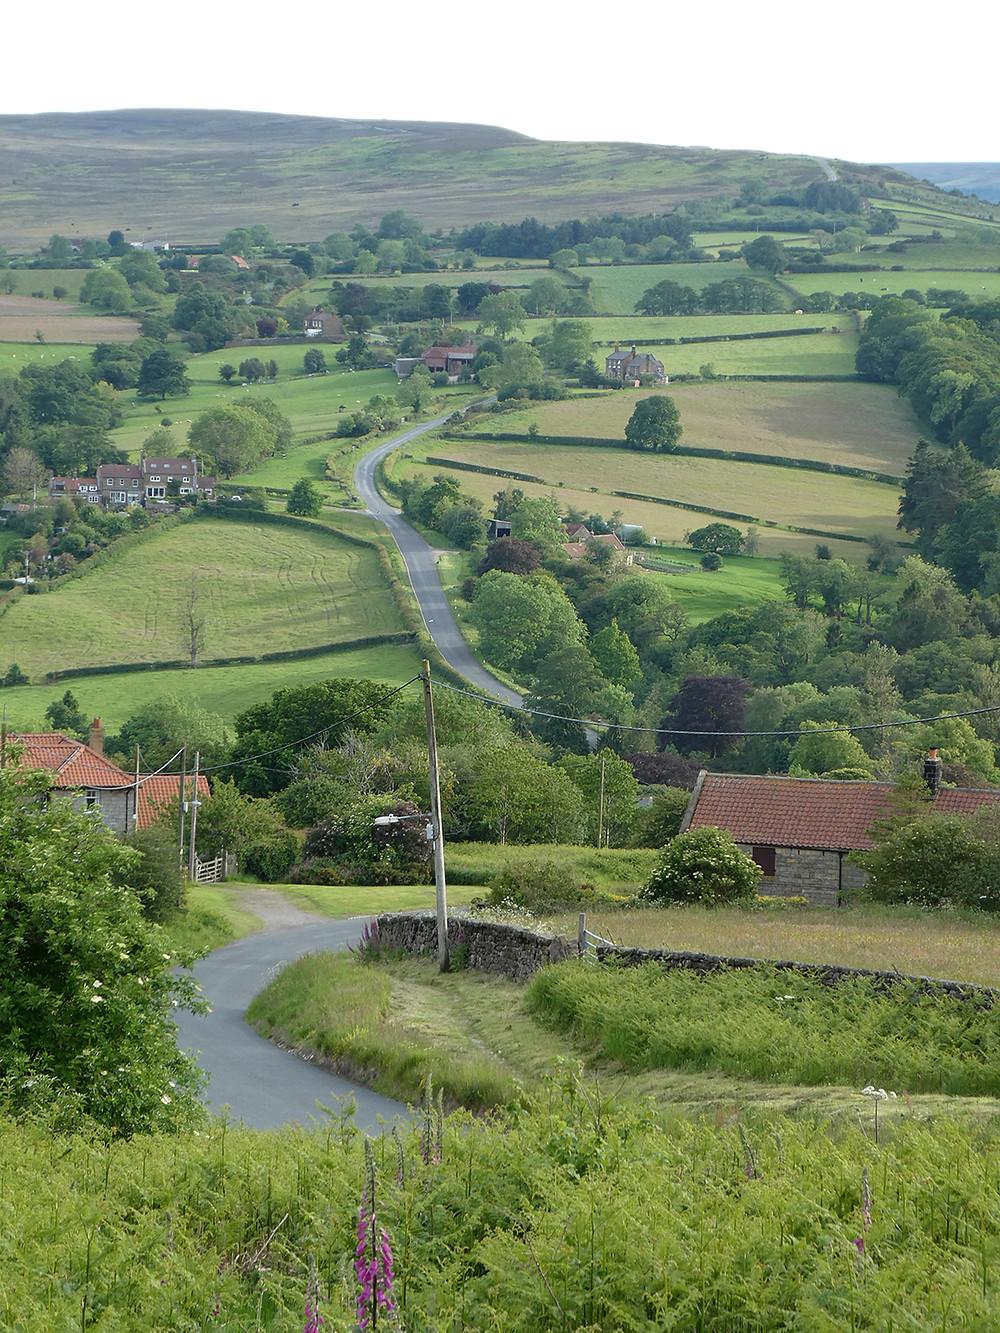 Lealholm, Esk Valley, North York Moors